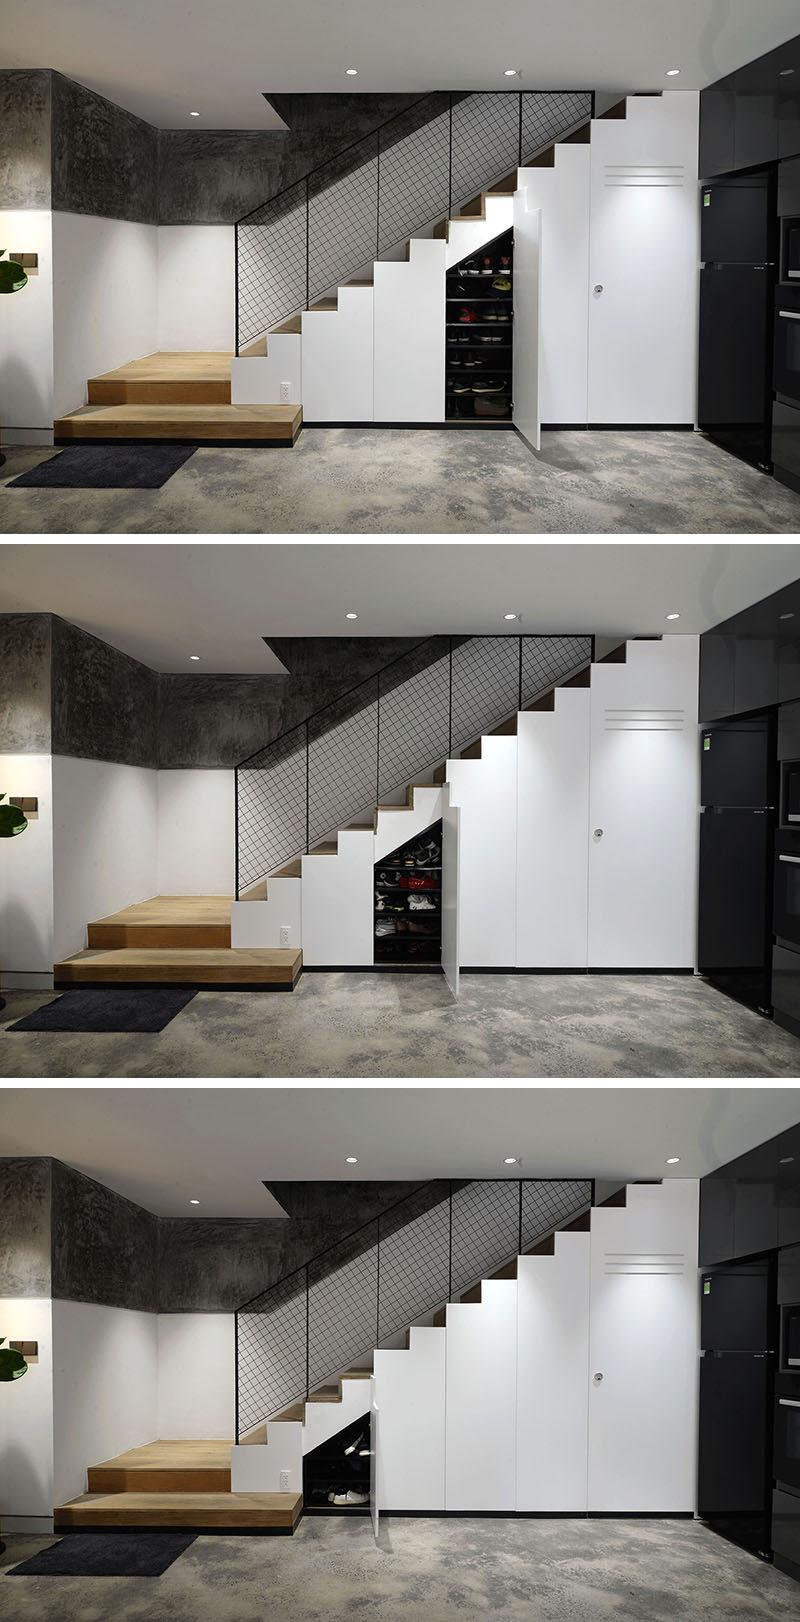 These modern stairs have hidden storage cabinets beneath them. #HiddenStorage #StairsWithStorage